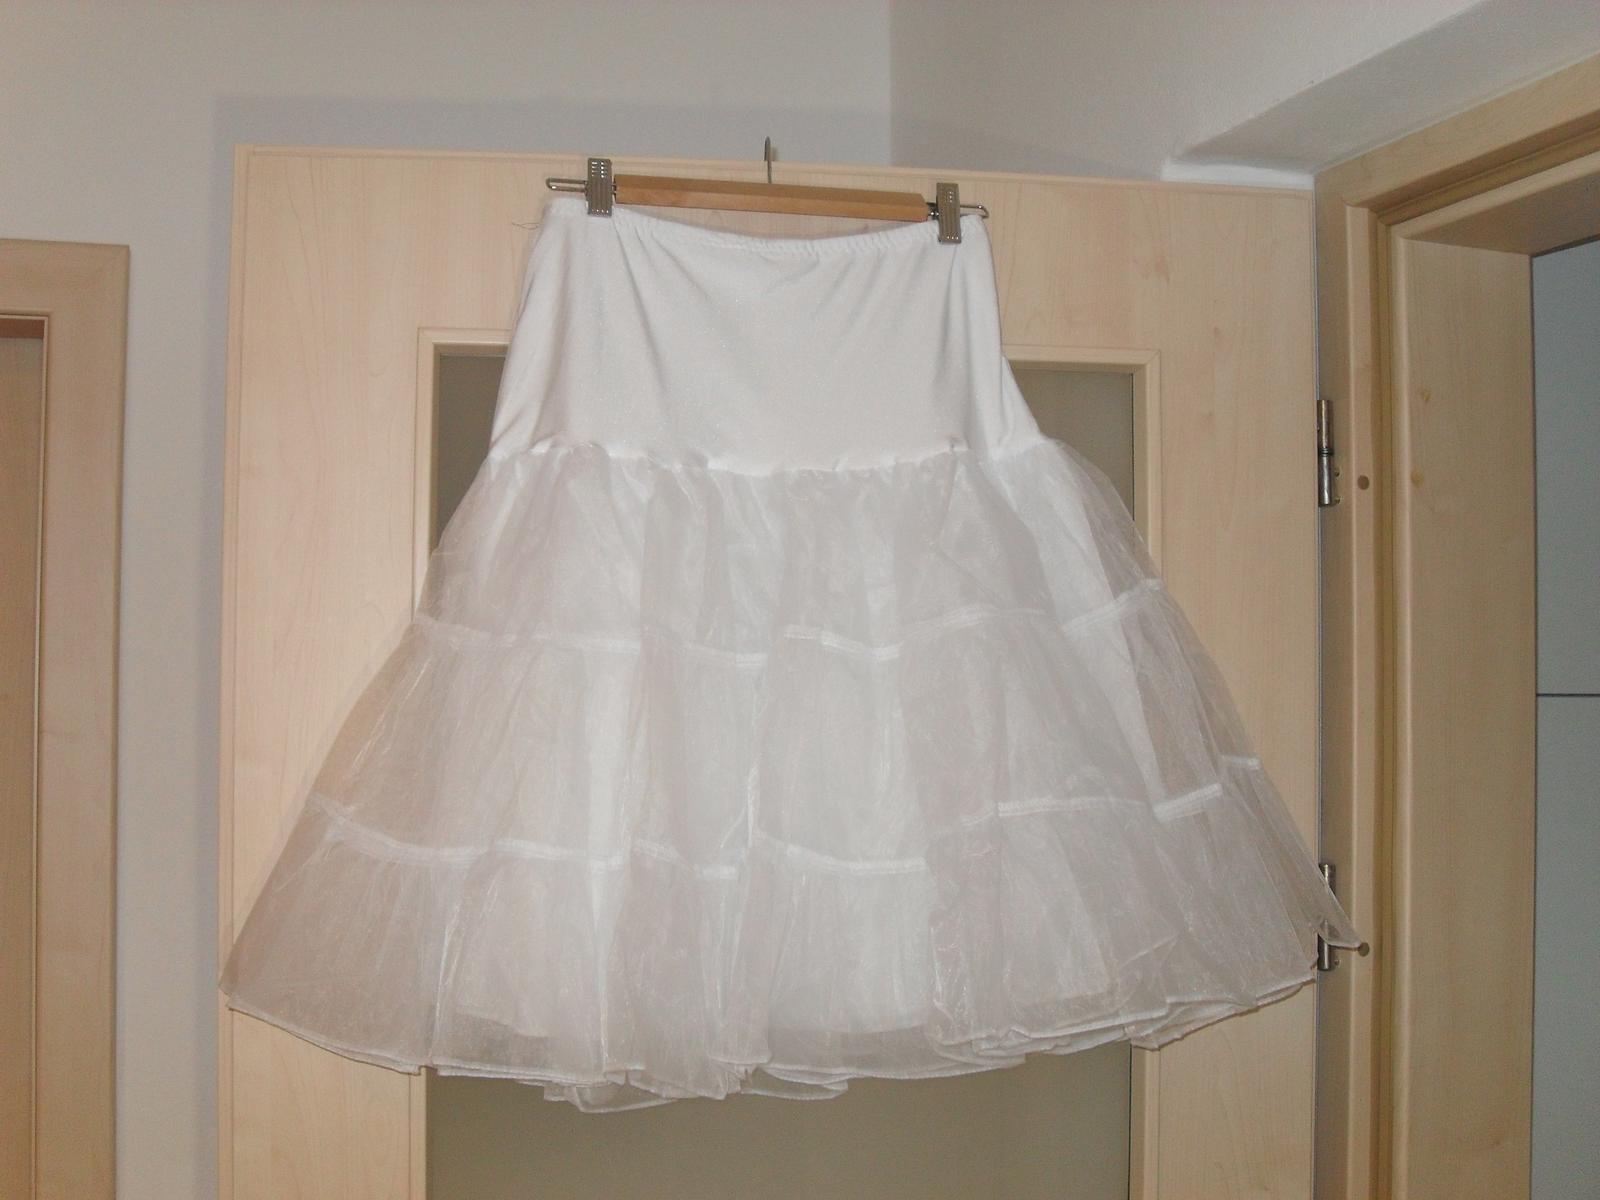 Spodnička pod šaty - Obrázek č. 1